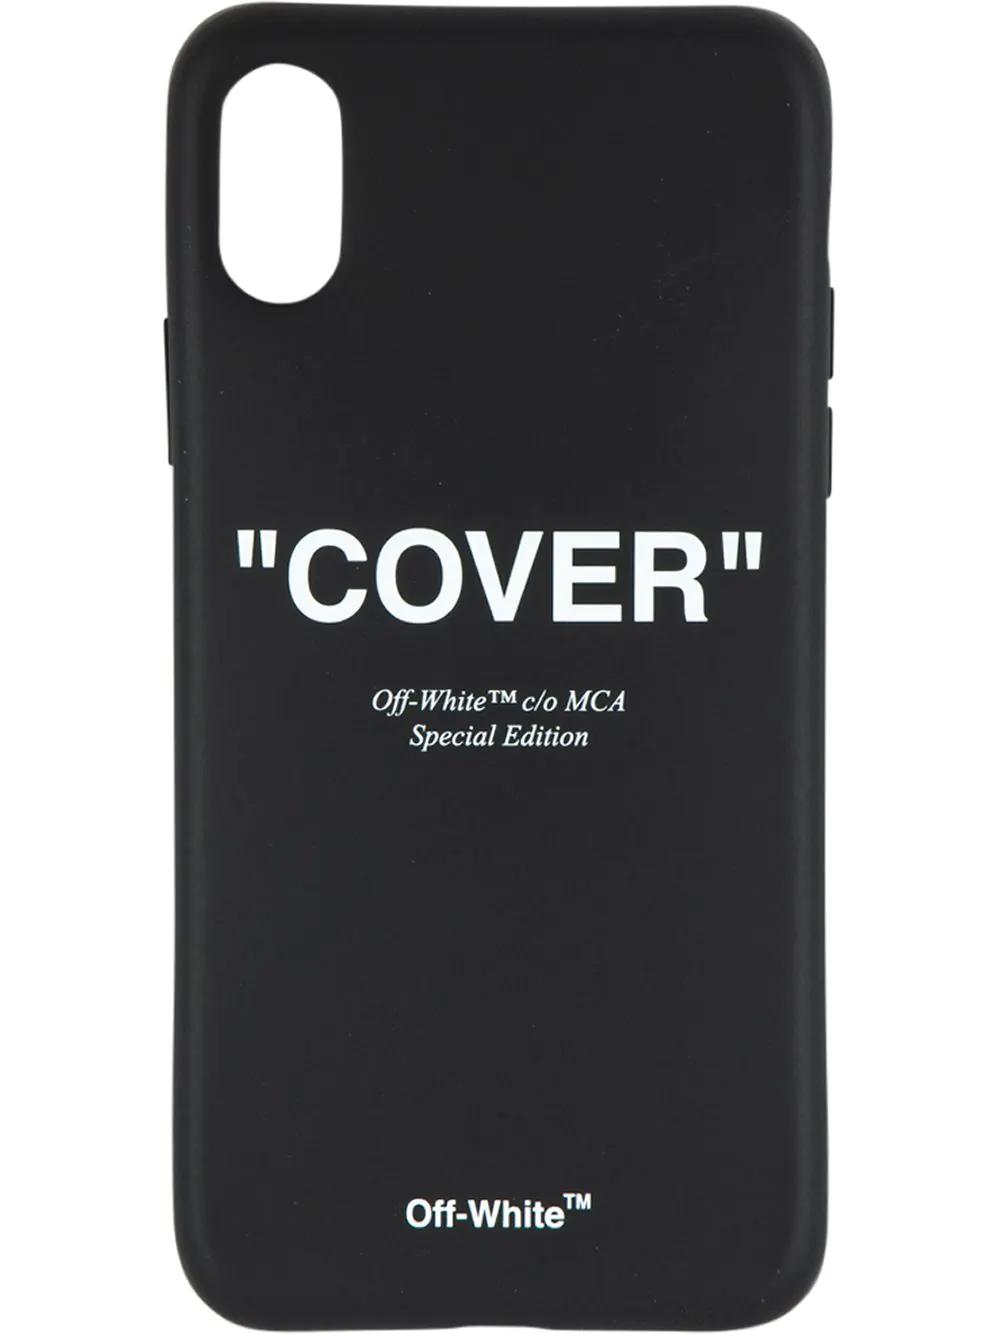 off-white mca iPhone case